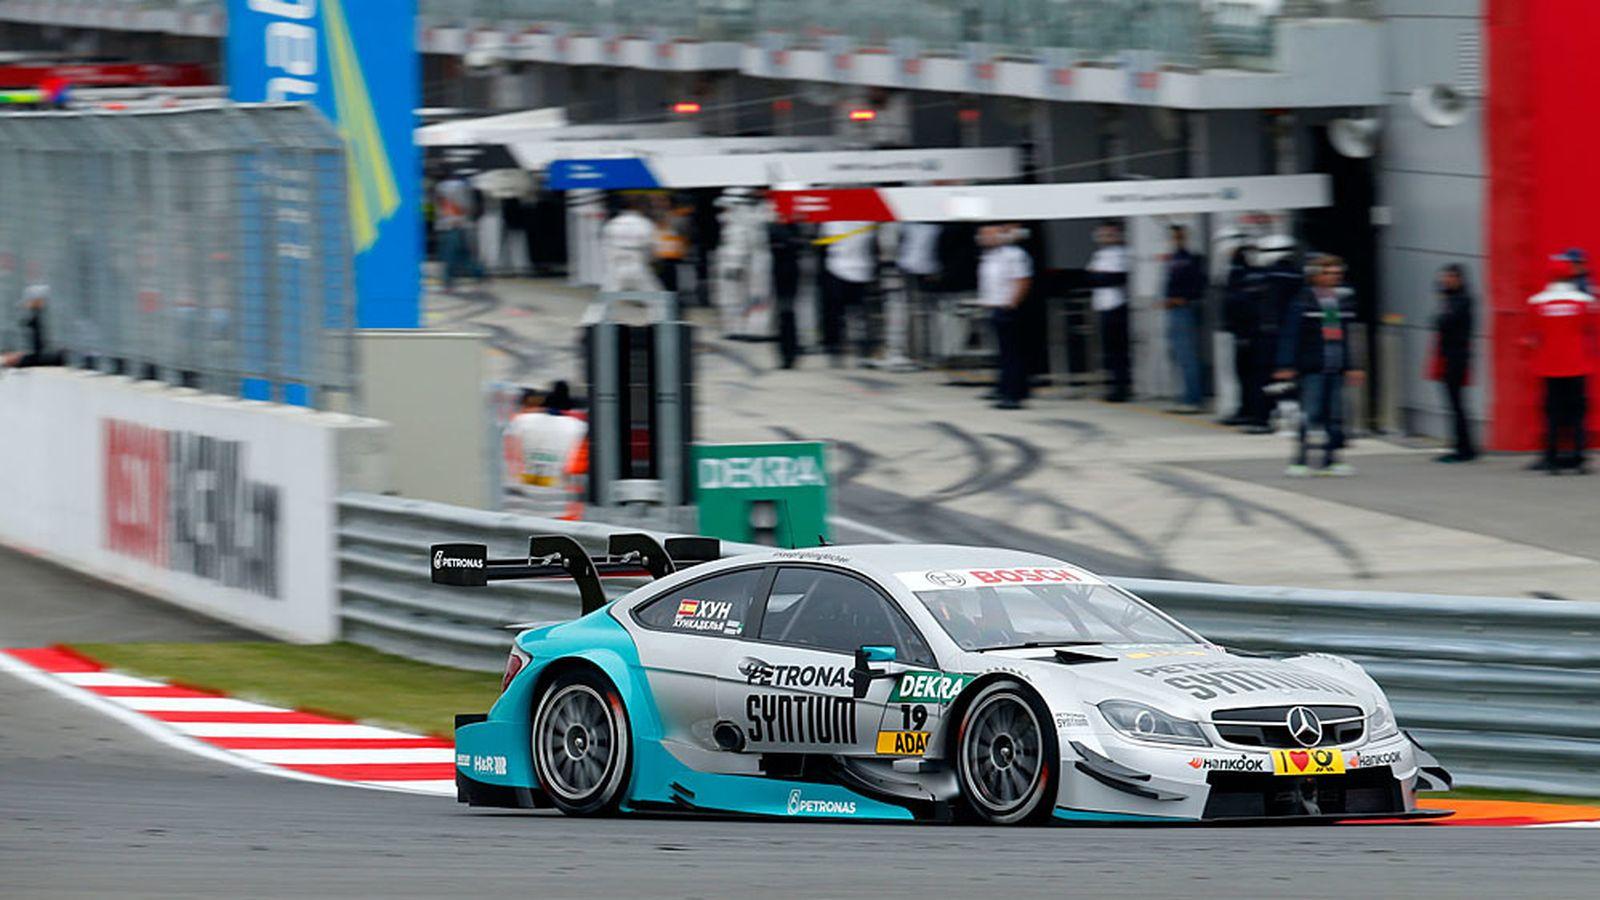 Foto: Mercedes abandona el DTM después de 26 temporadas en el campeonato. (Reuters)